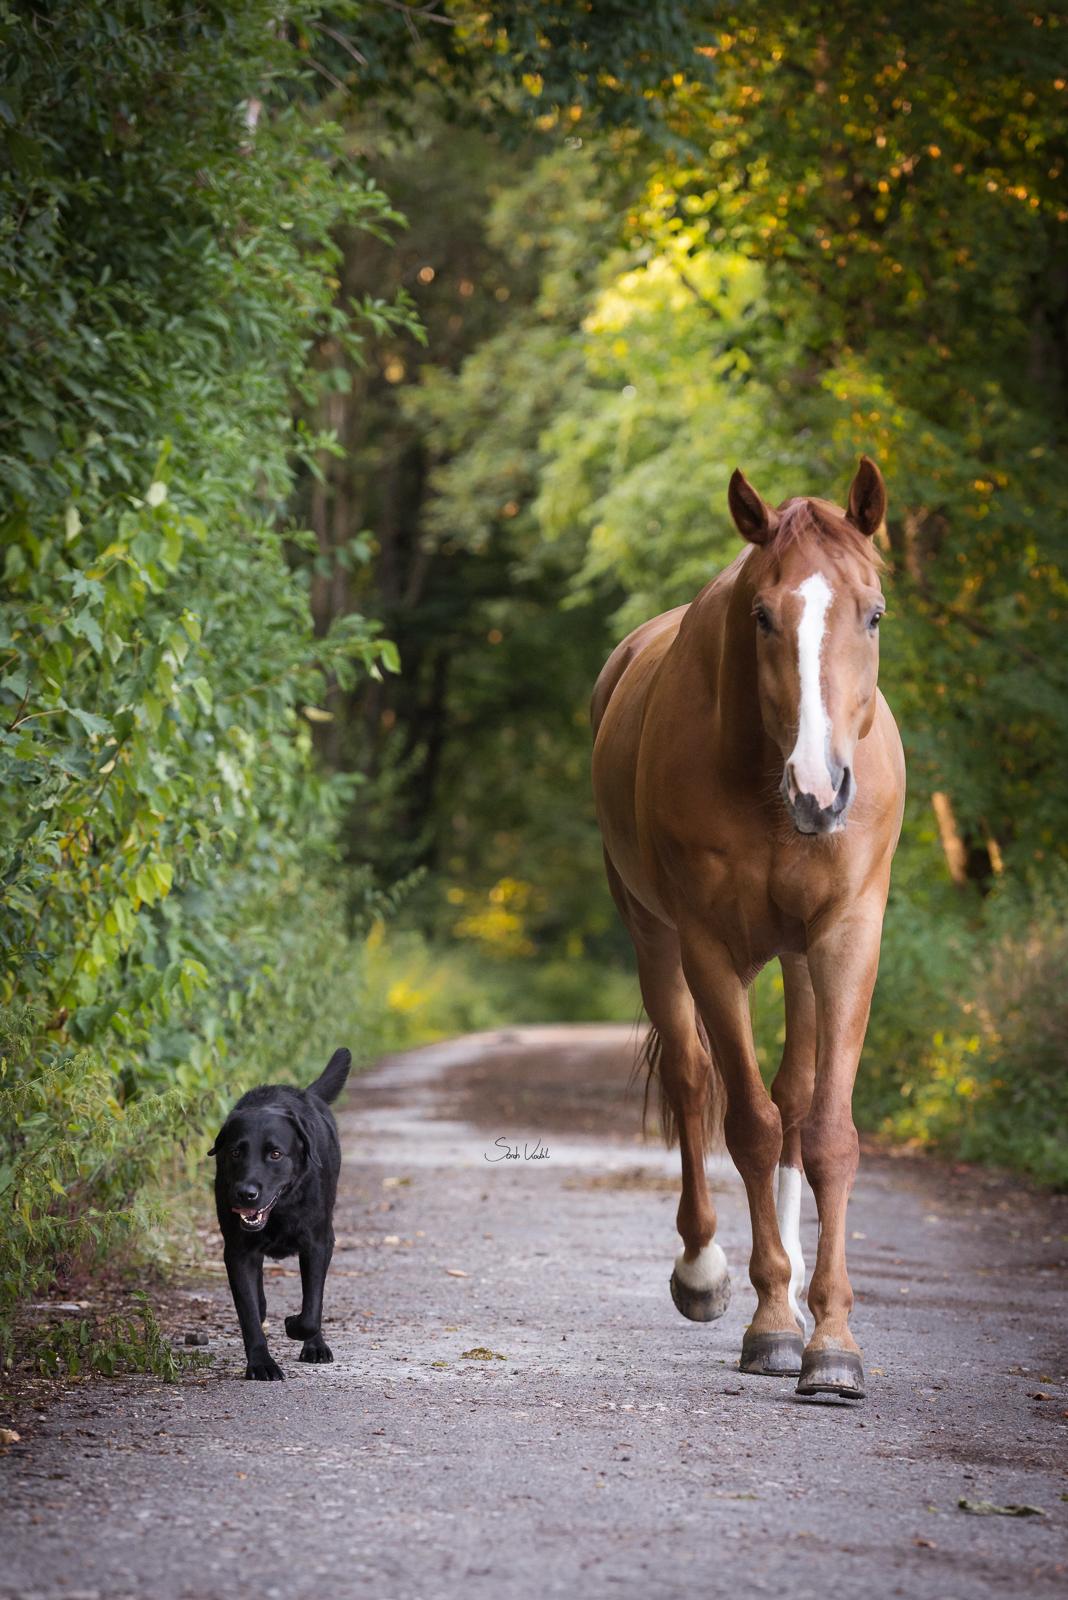 Sommerliches Pferdefotoshooting | Sarah Koutnik Fotografie | Pferdefotografie München Krailling Bayern | Fuchswallach Fippsy mit Blesse | Pferd und Hund | schwarzer Labrador| Portrait